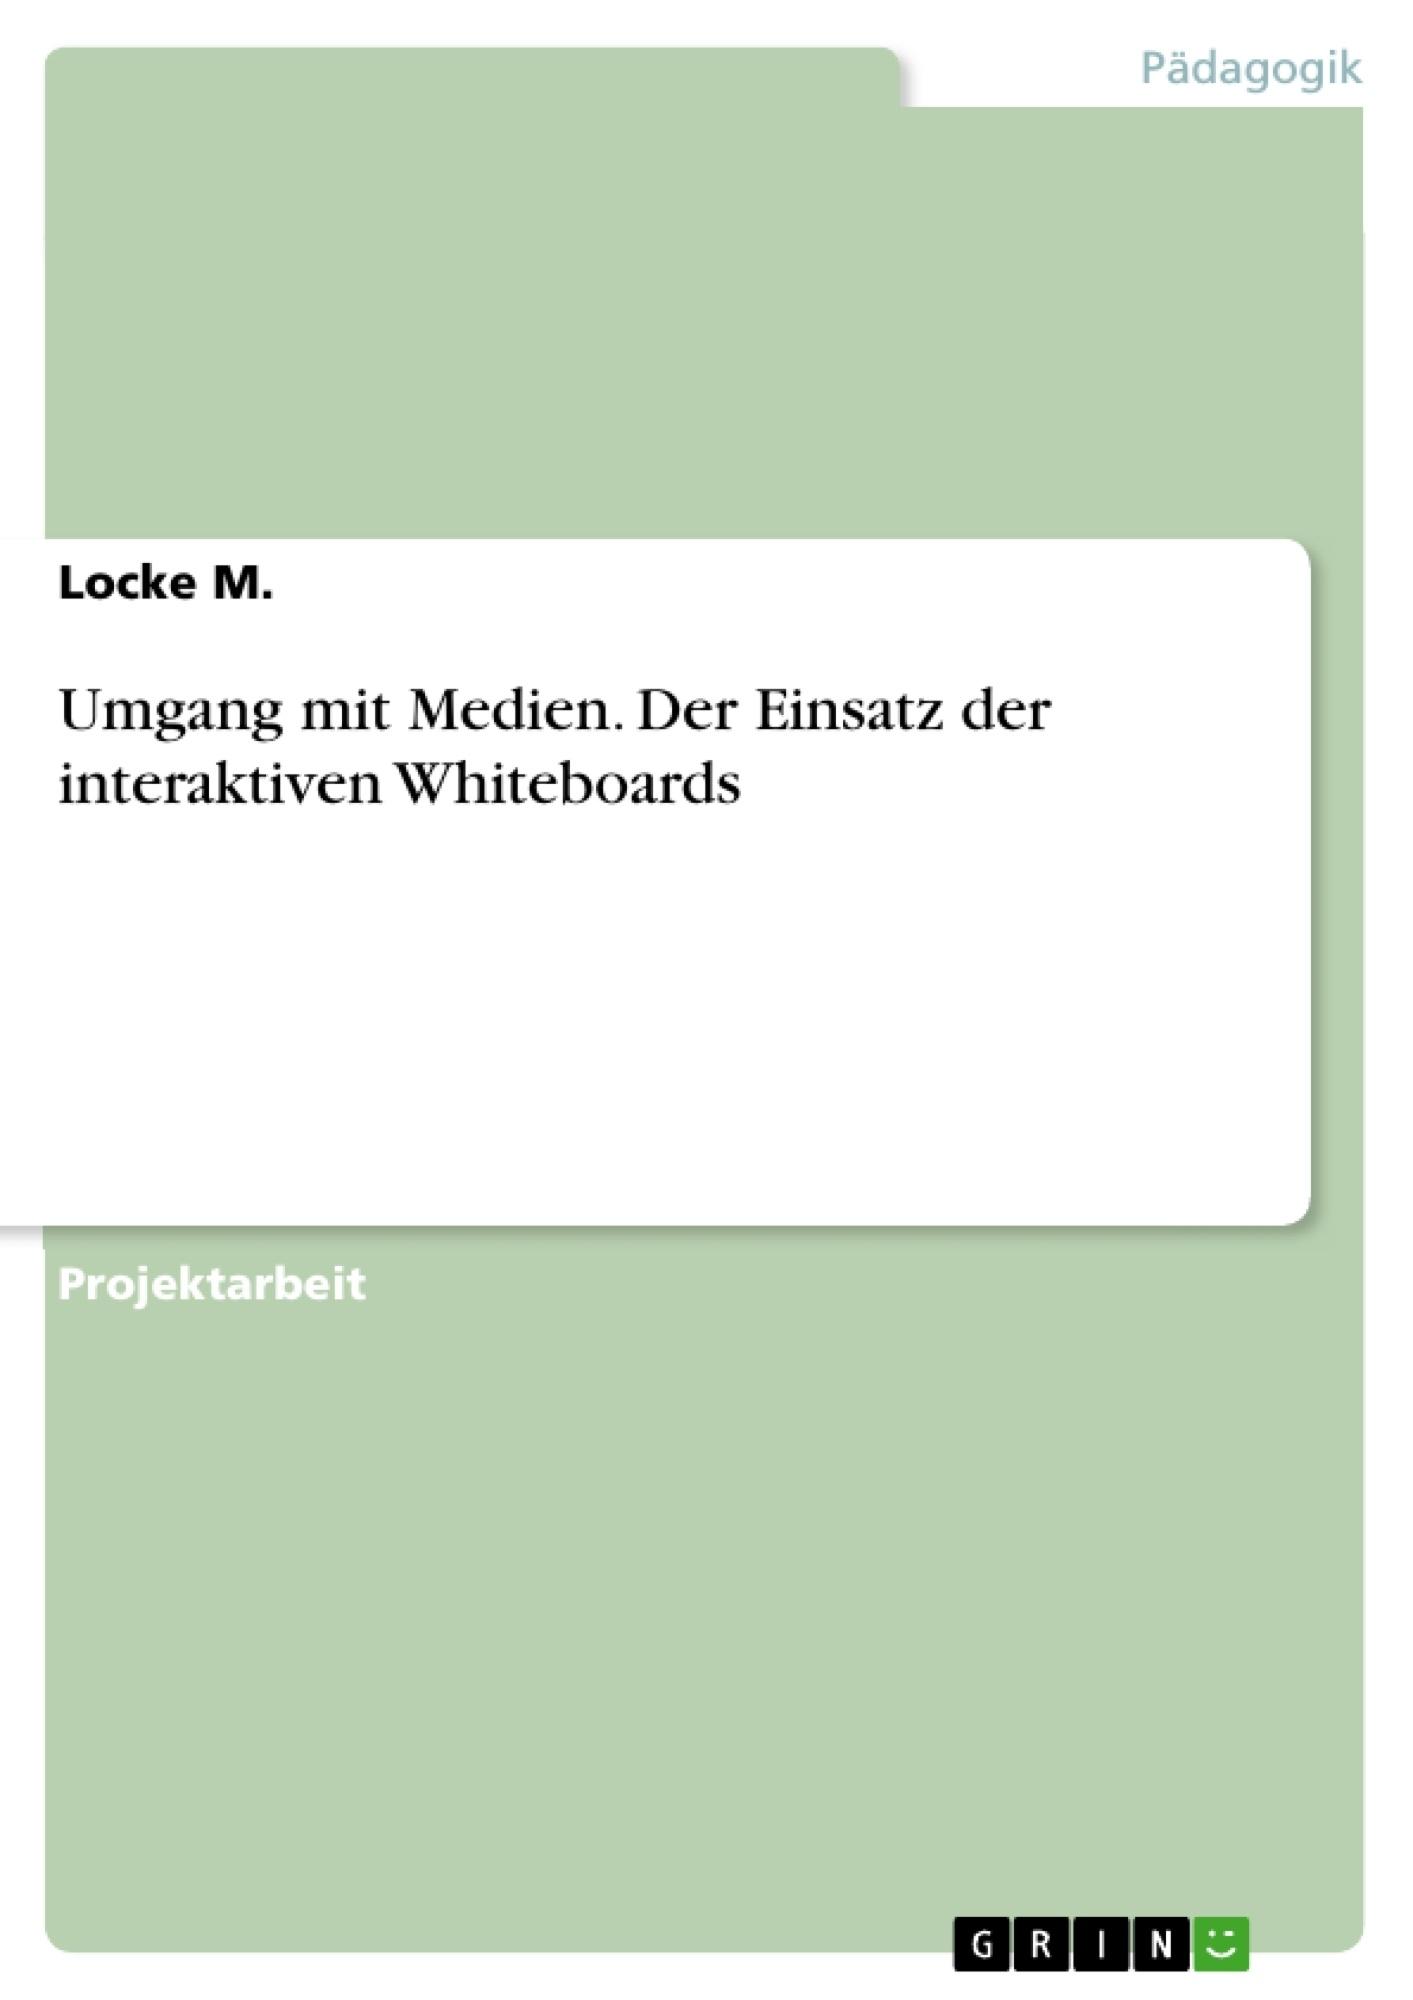 Titel: Umgang mit Medien. Der Einsatz der interaktiven Whiteboards